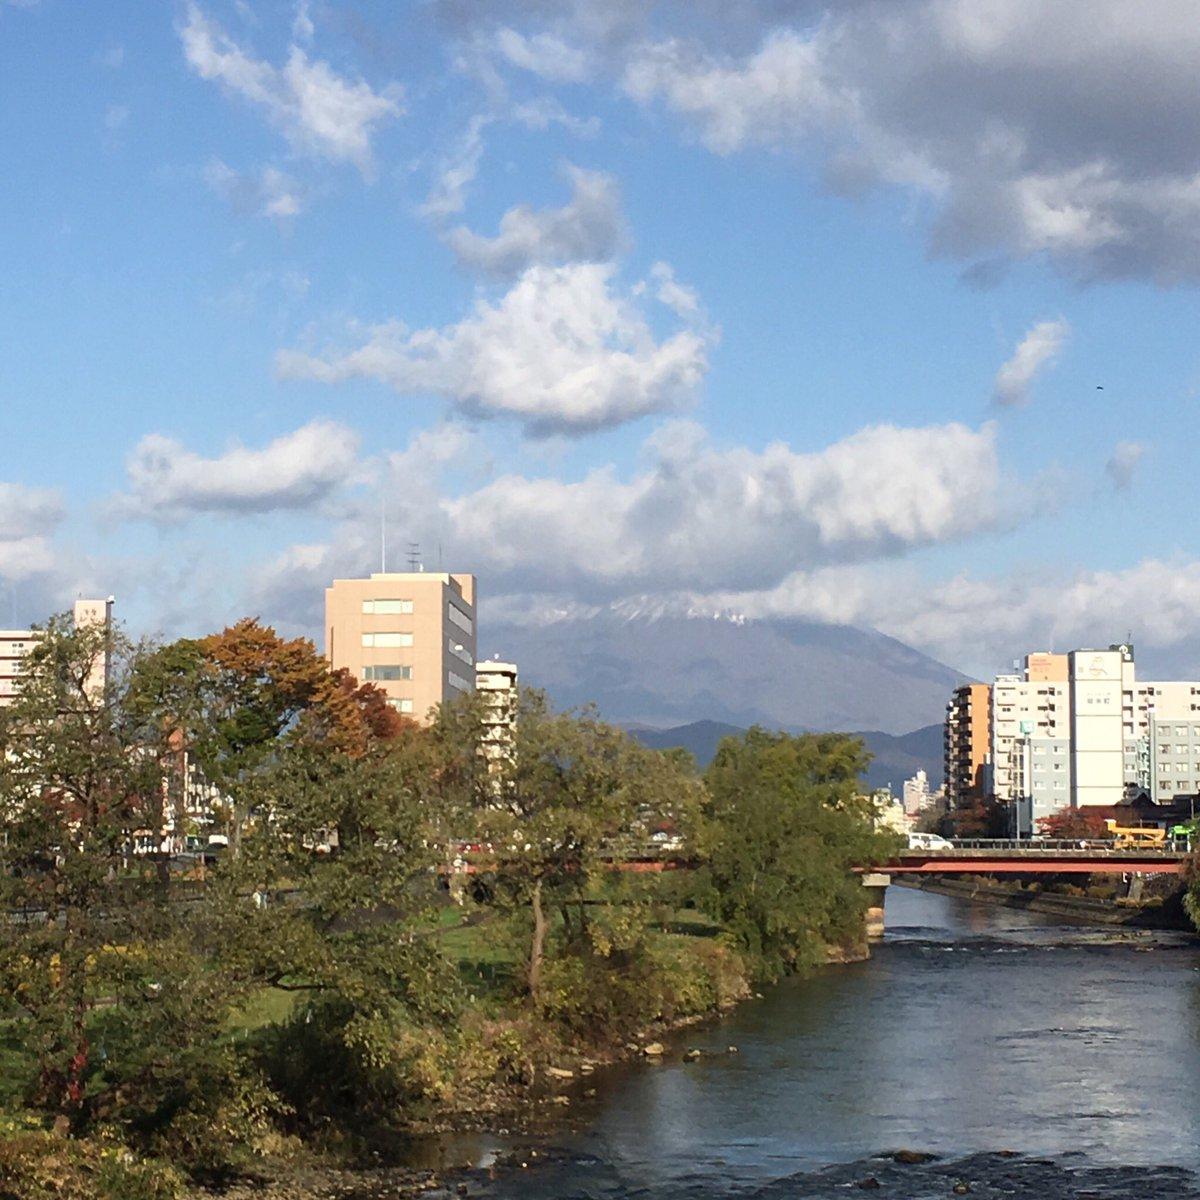 2019/11/06 盛岡市の開運橋から撮影。みなさま、体調管理に気をつけてお過ごしください。 #岩手 #盛岡 #北上川 #岩手山 #岩手においでよ